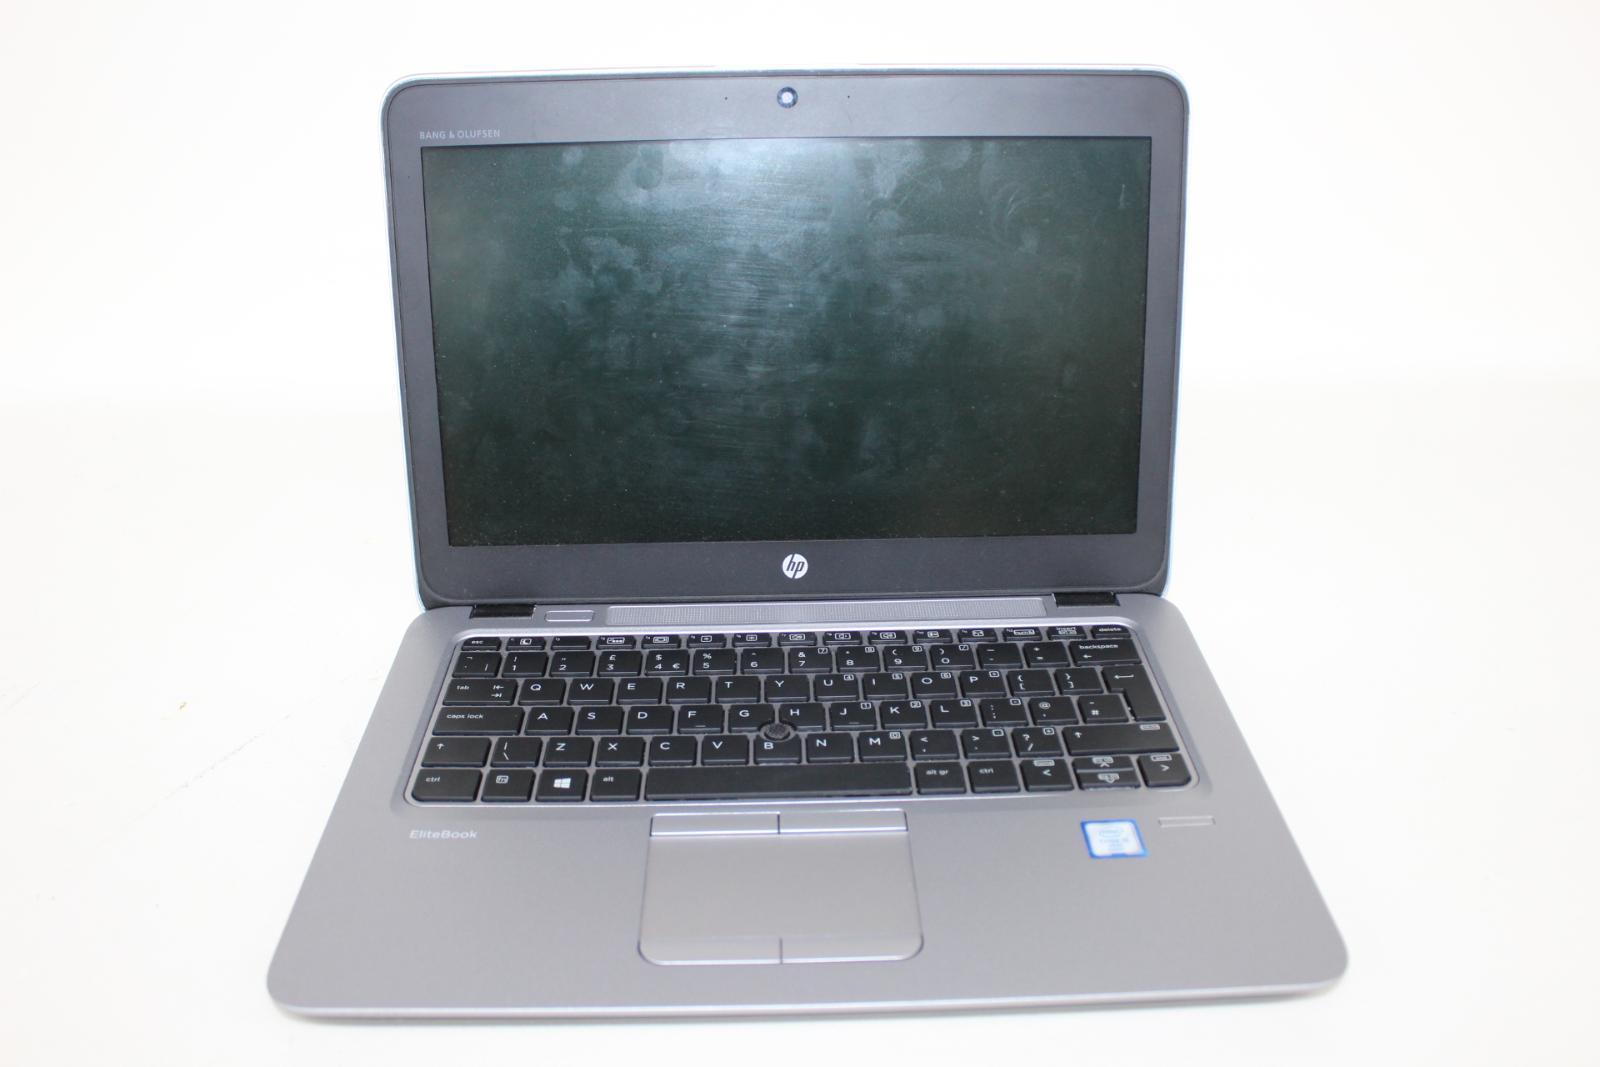 HP-Elite-Book-820-G3-IntelCore-i5-vPro-sans-disque-dur-RAM-Ordinateur-Portable-Ultrabook-Ordinateur miniature 2